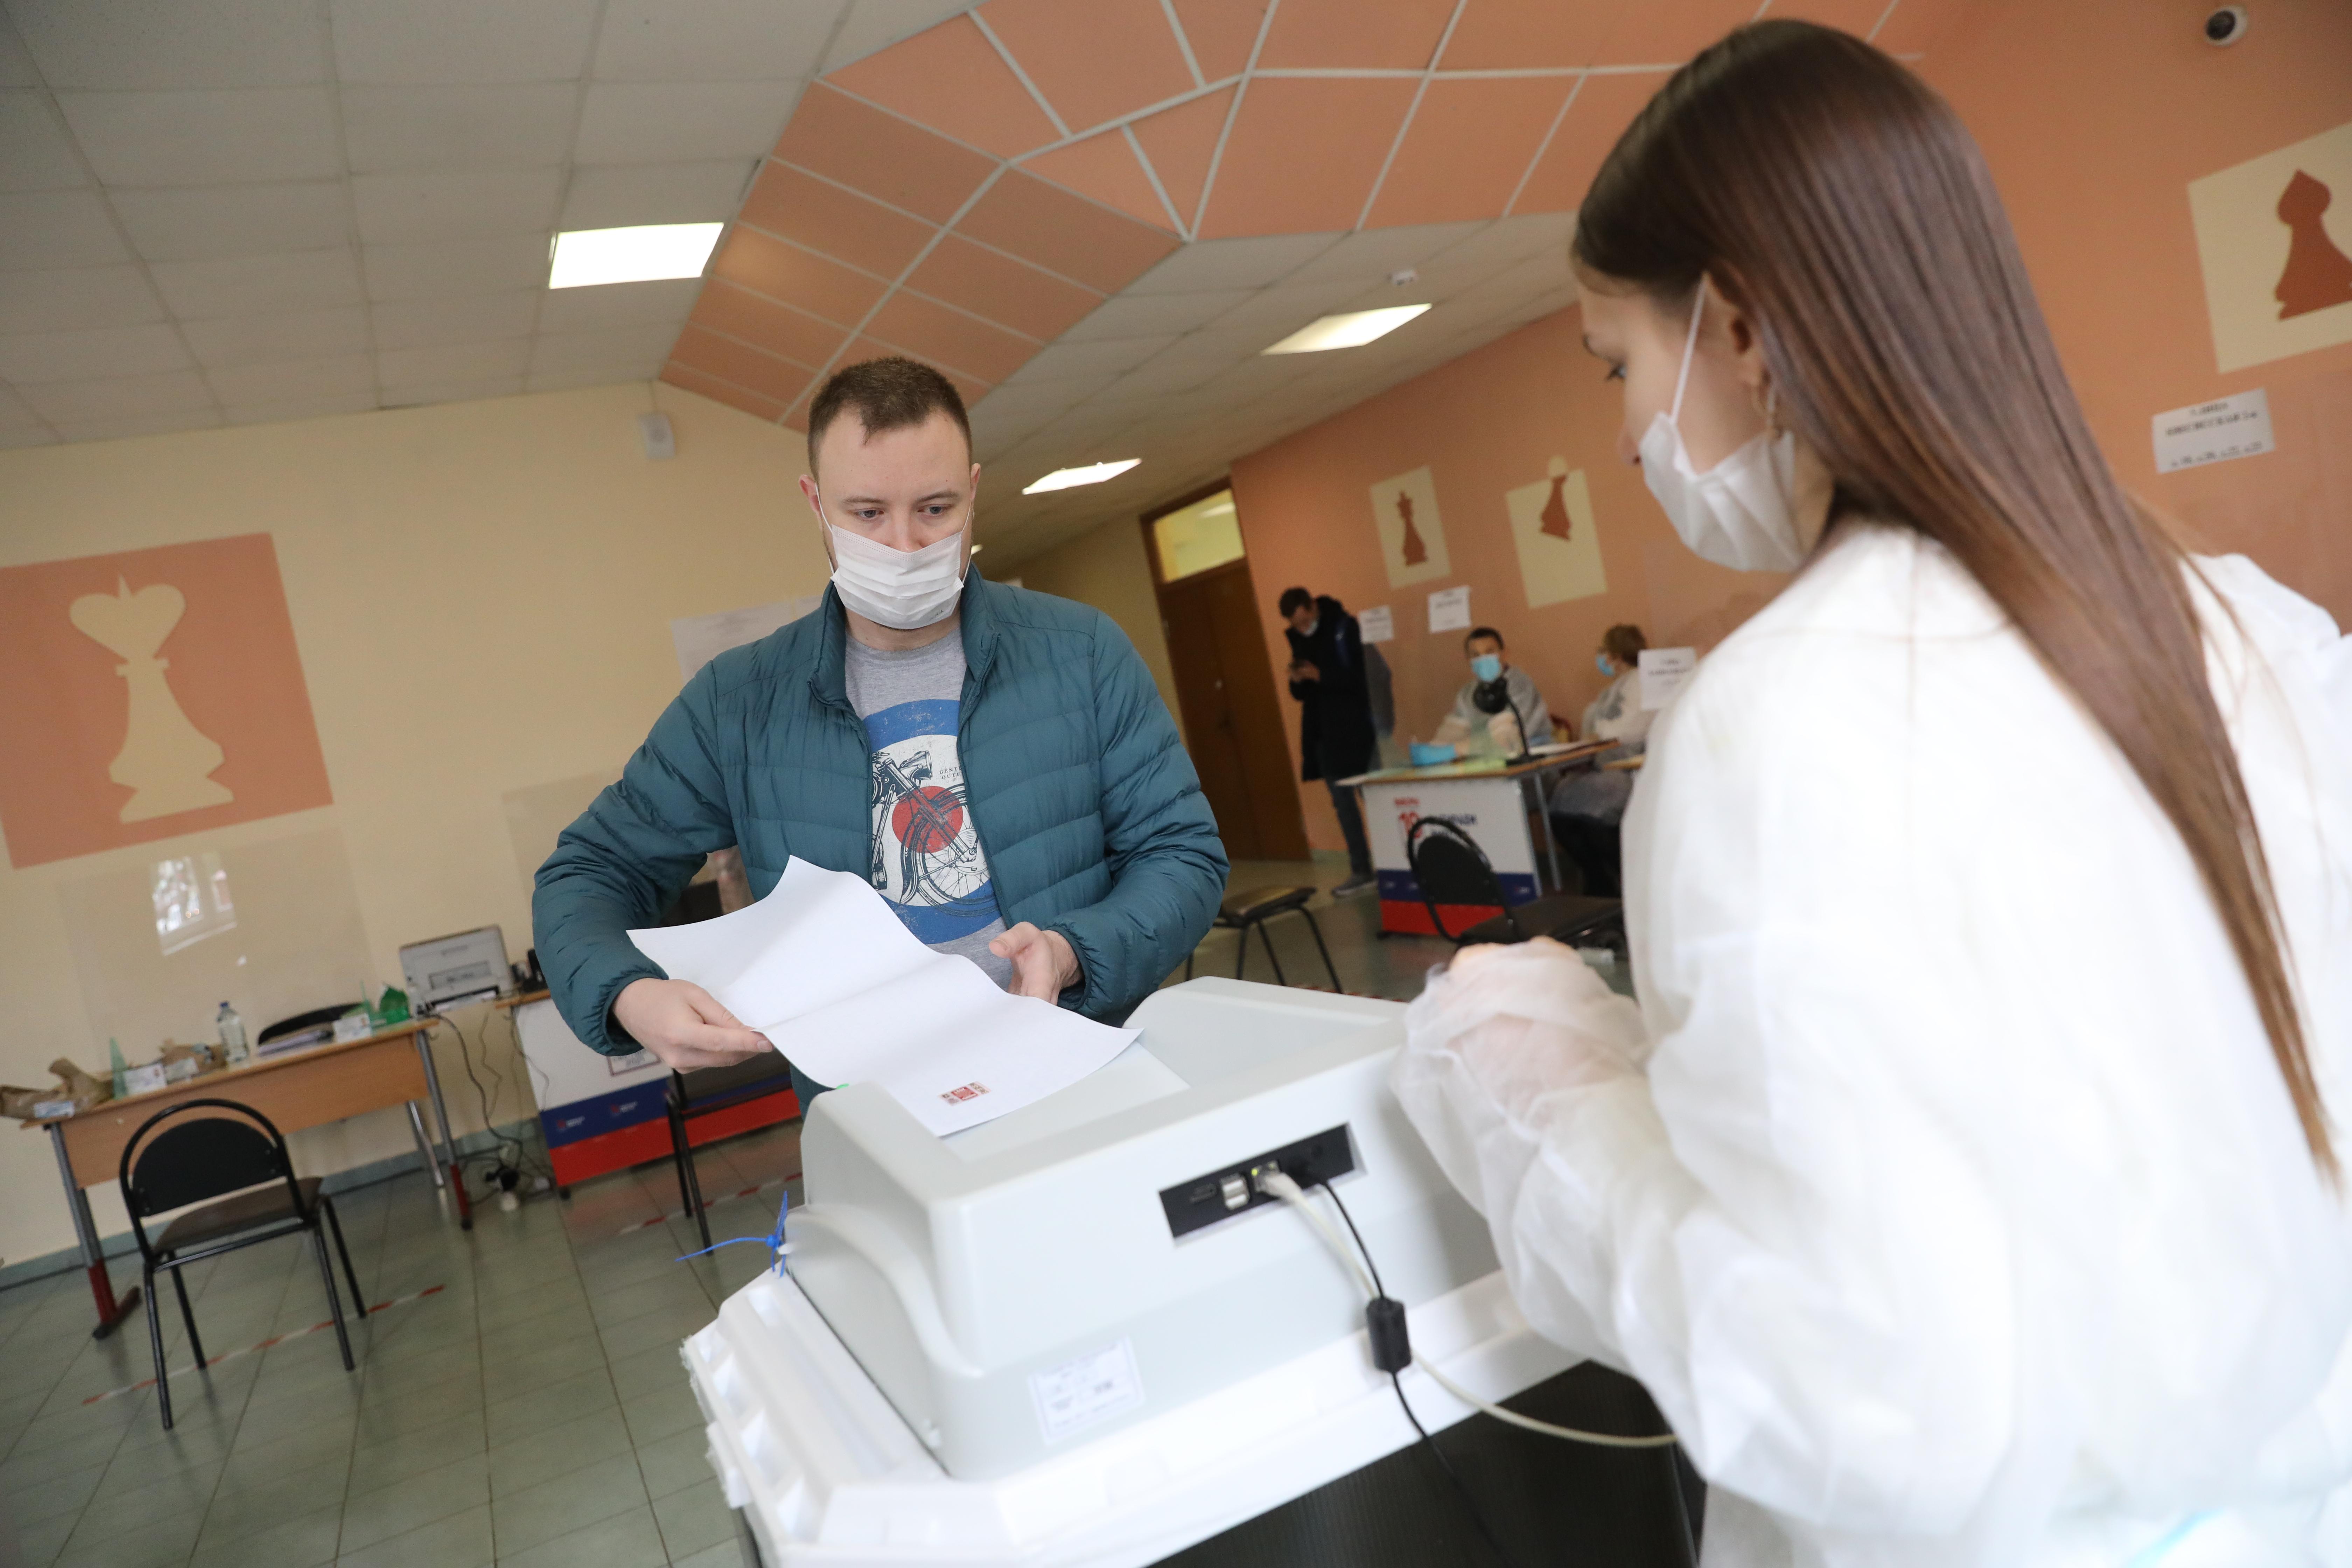 В восьми регионах России на думских выборах зафиксировано 12 случаев вброса бюллетеней